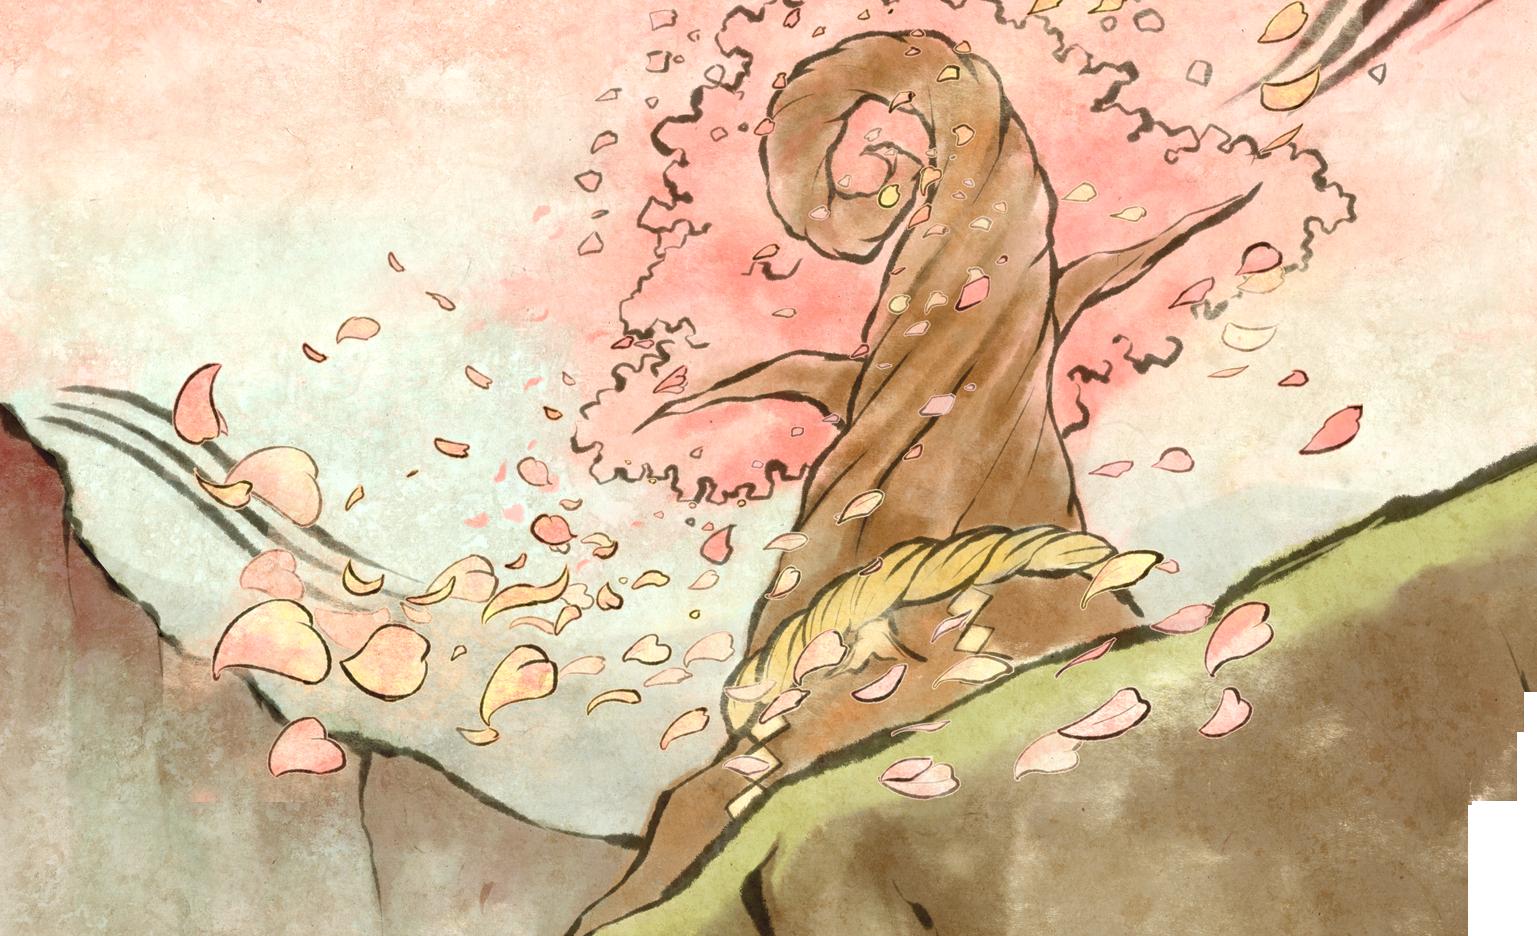 Konohana Tree Okami Wiki Fandom Powered By Wikia